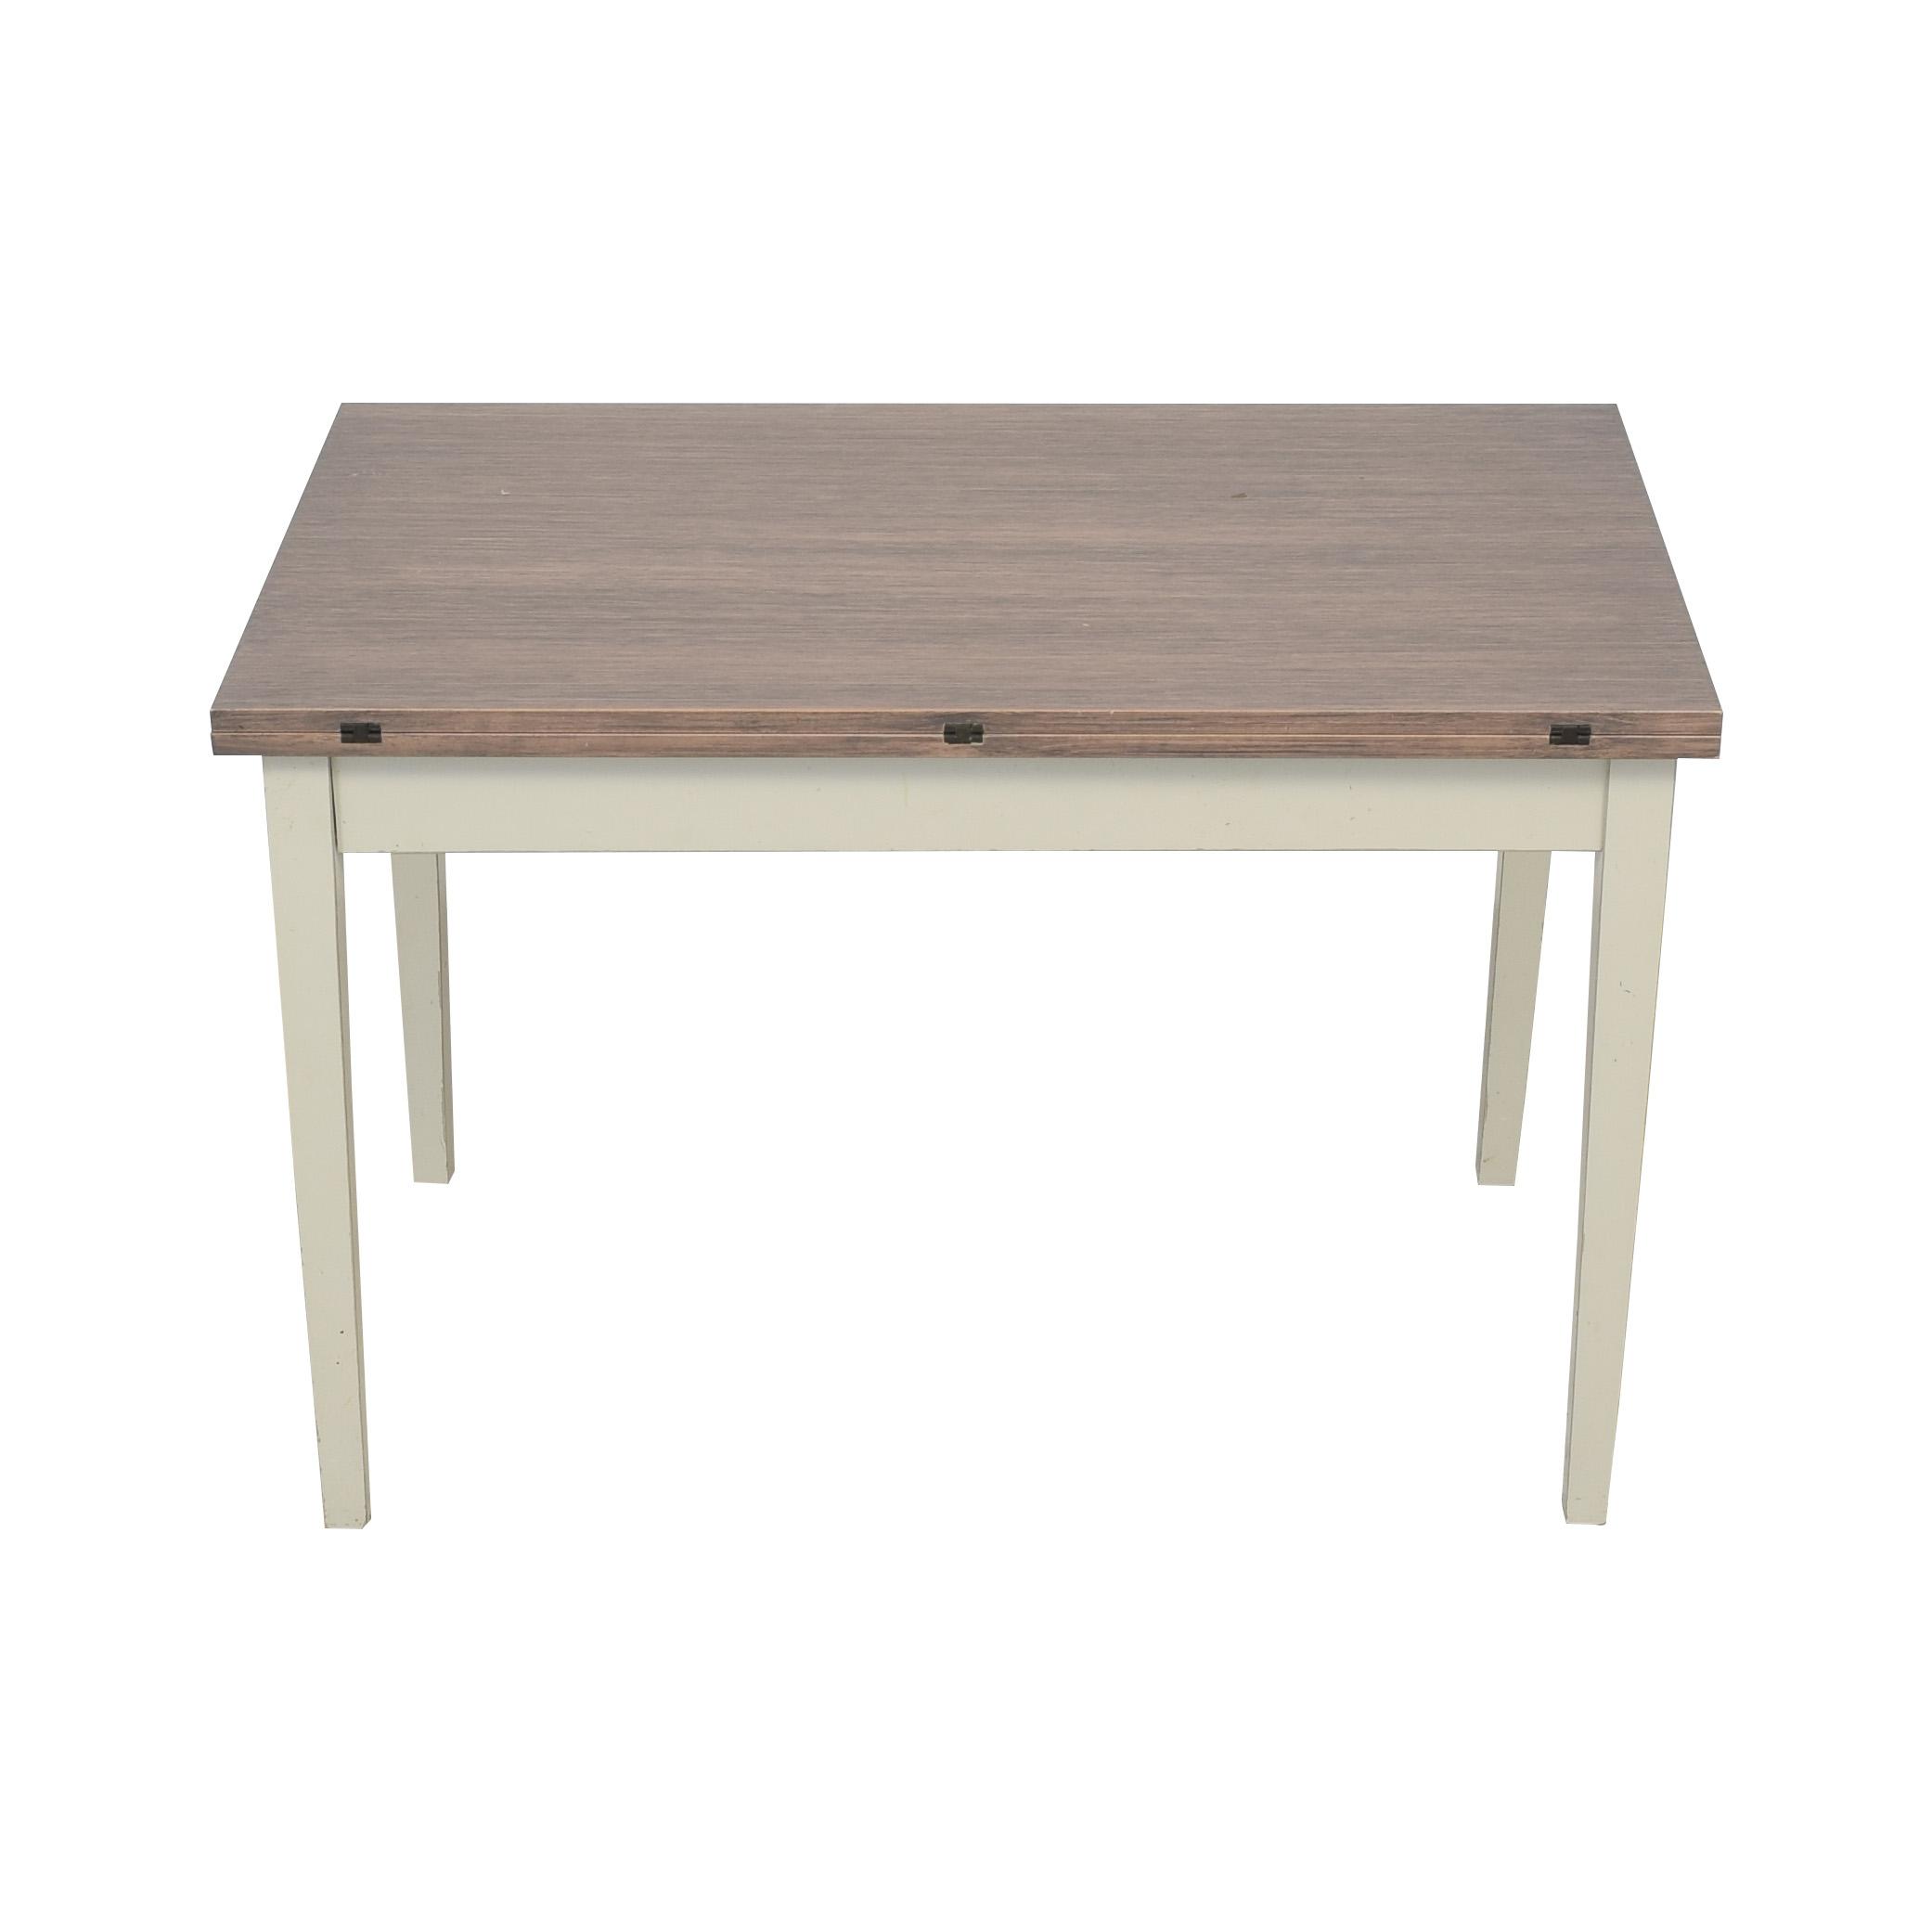 Crate & Barrel Crate & Barrel Flip Table used